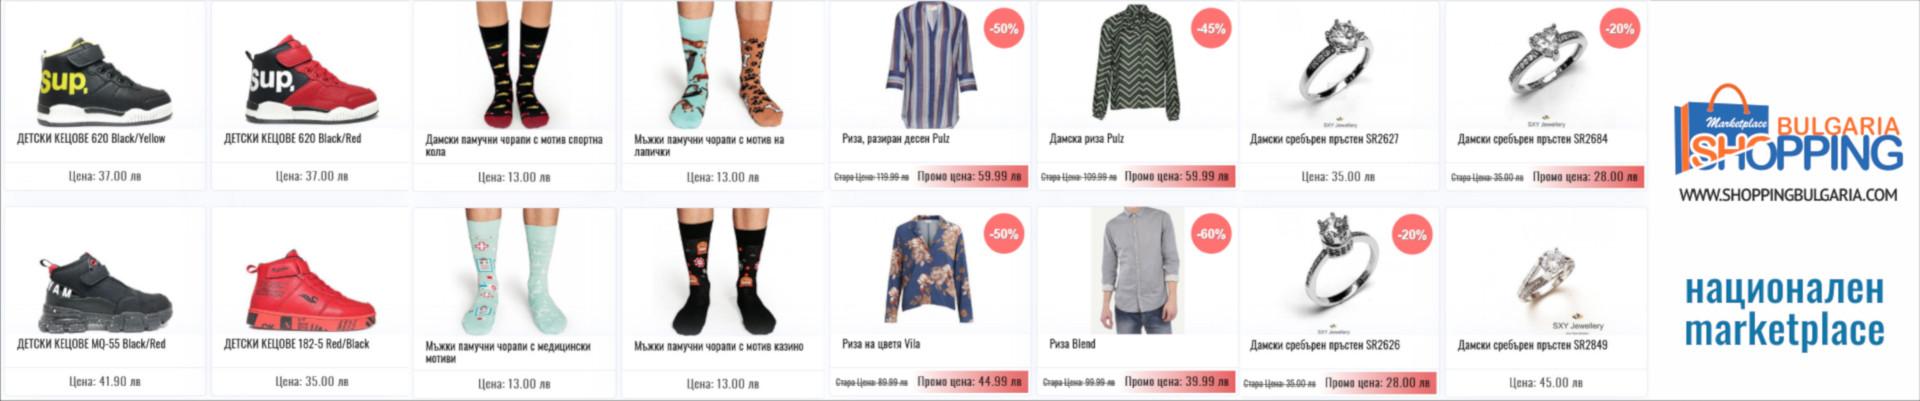 Национален маркетплейс shoppingbulgaria.com